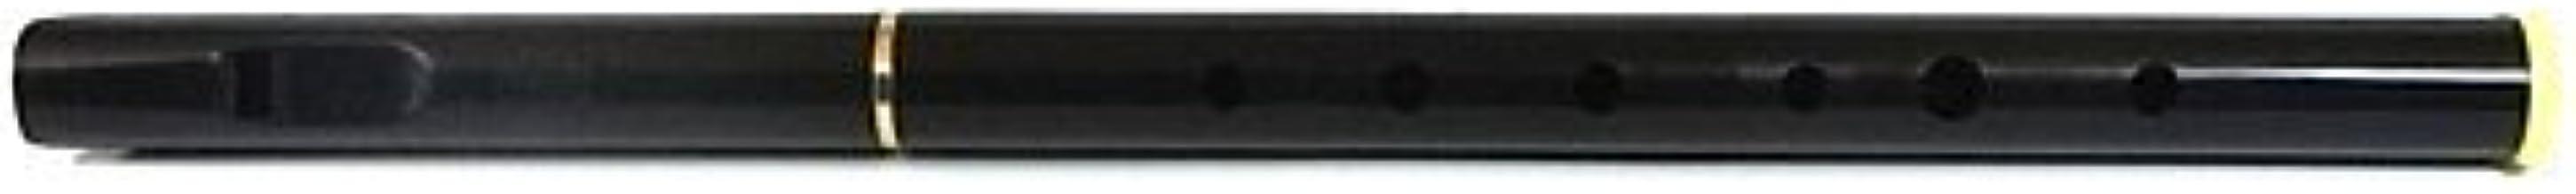 Tony Dixon(トニー・ディクソン)ティンホイッスル ポリマーボディ ブラスジョイント ソプラノ D管 スライドチューニング DX005